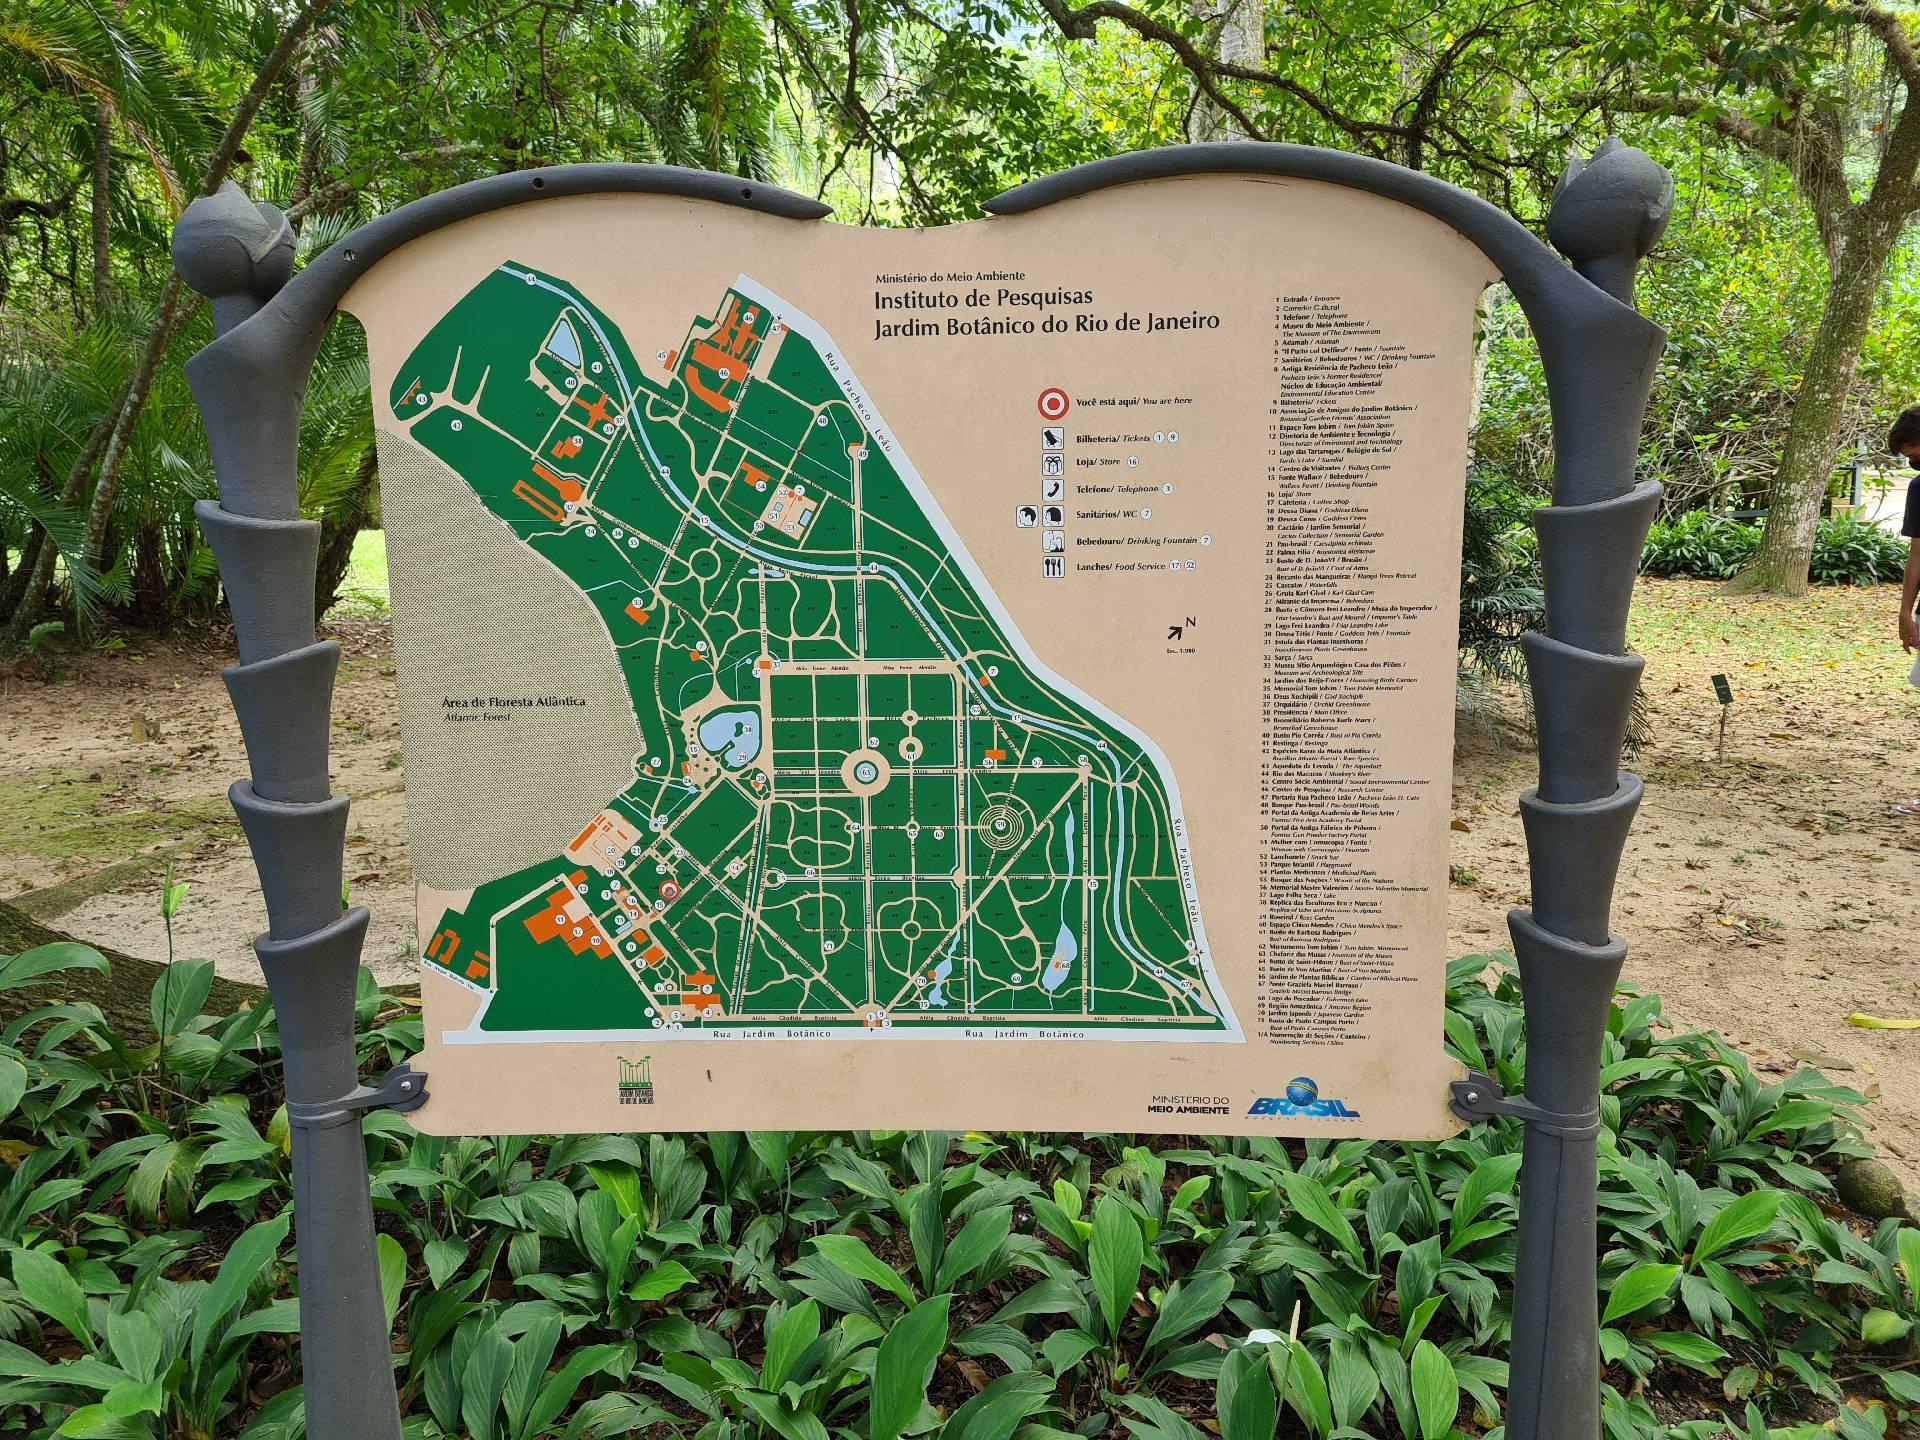 схема ботанического сада Рио